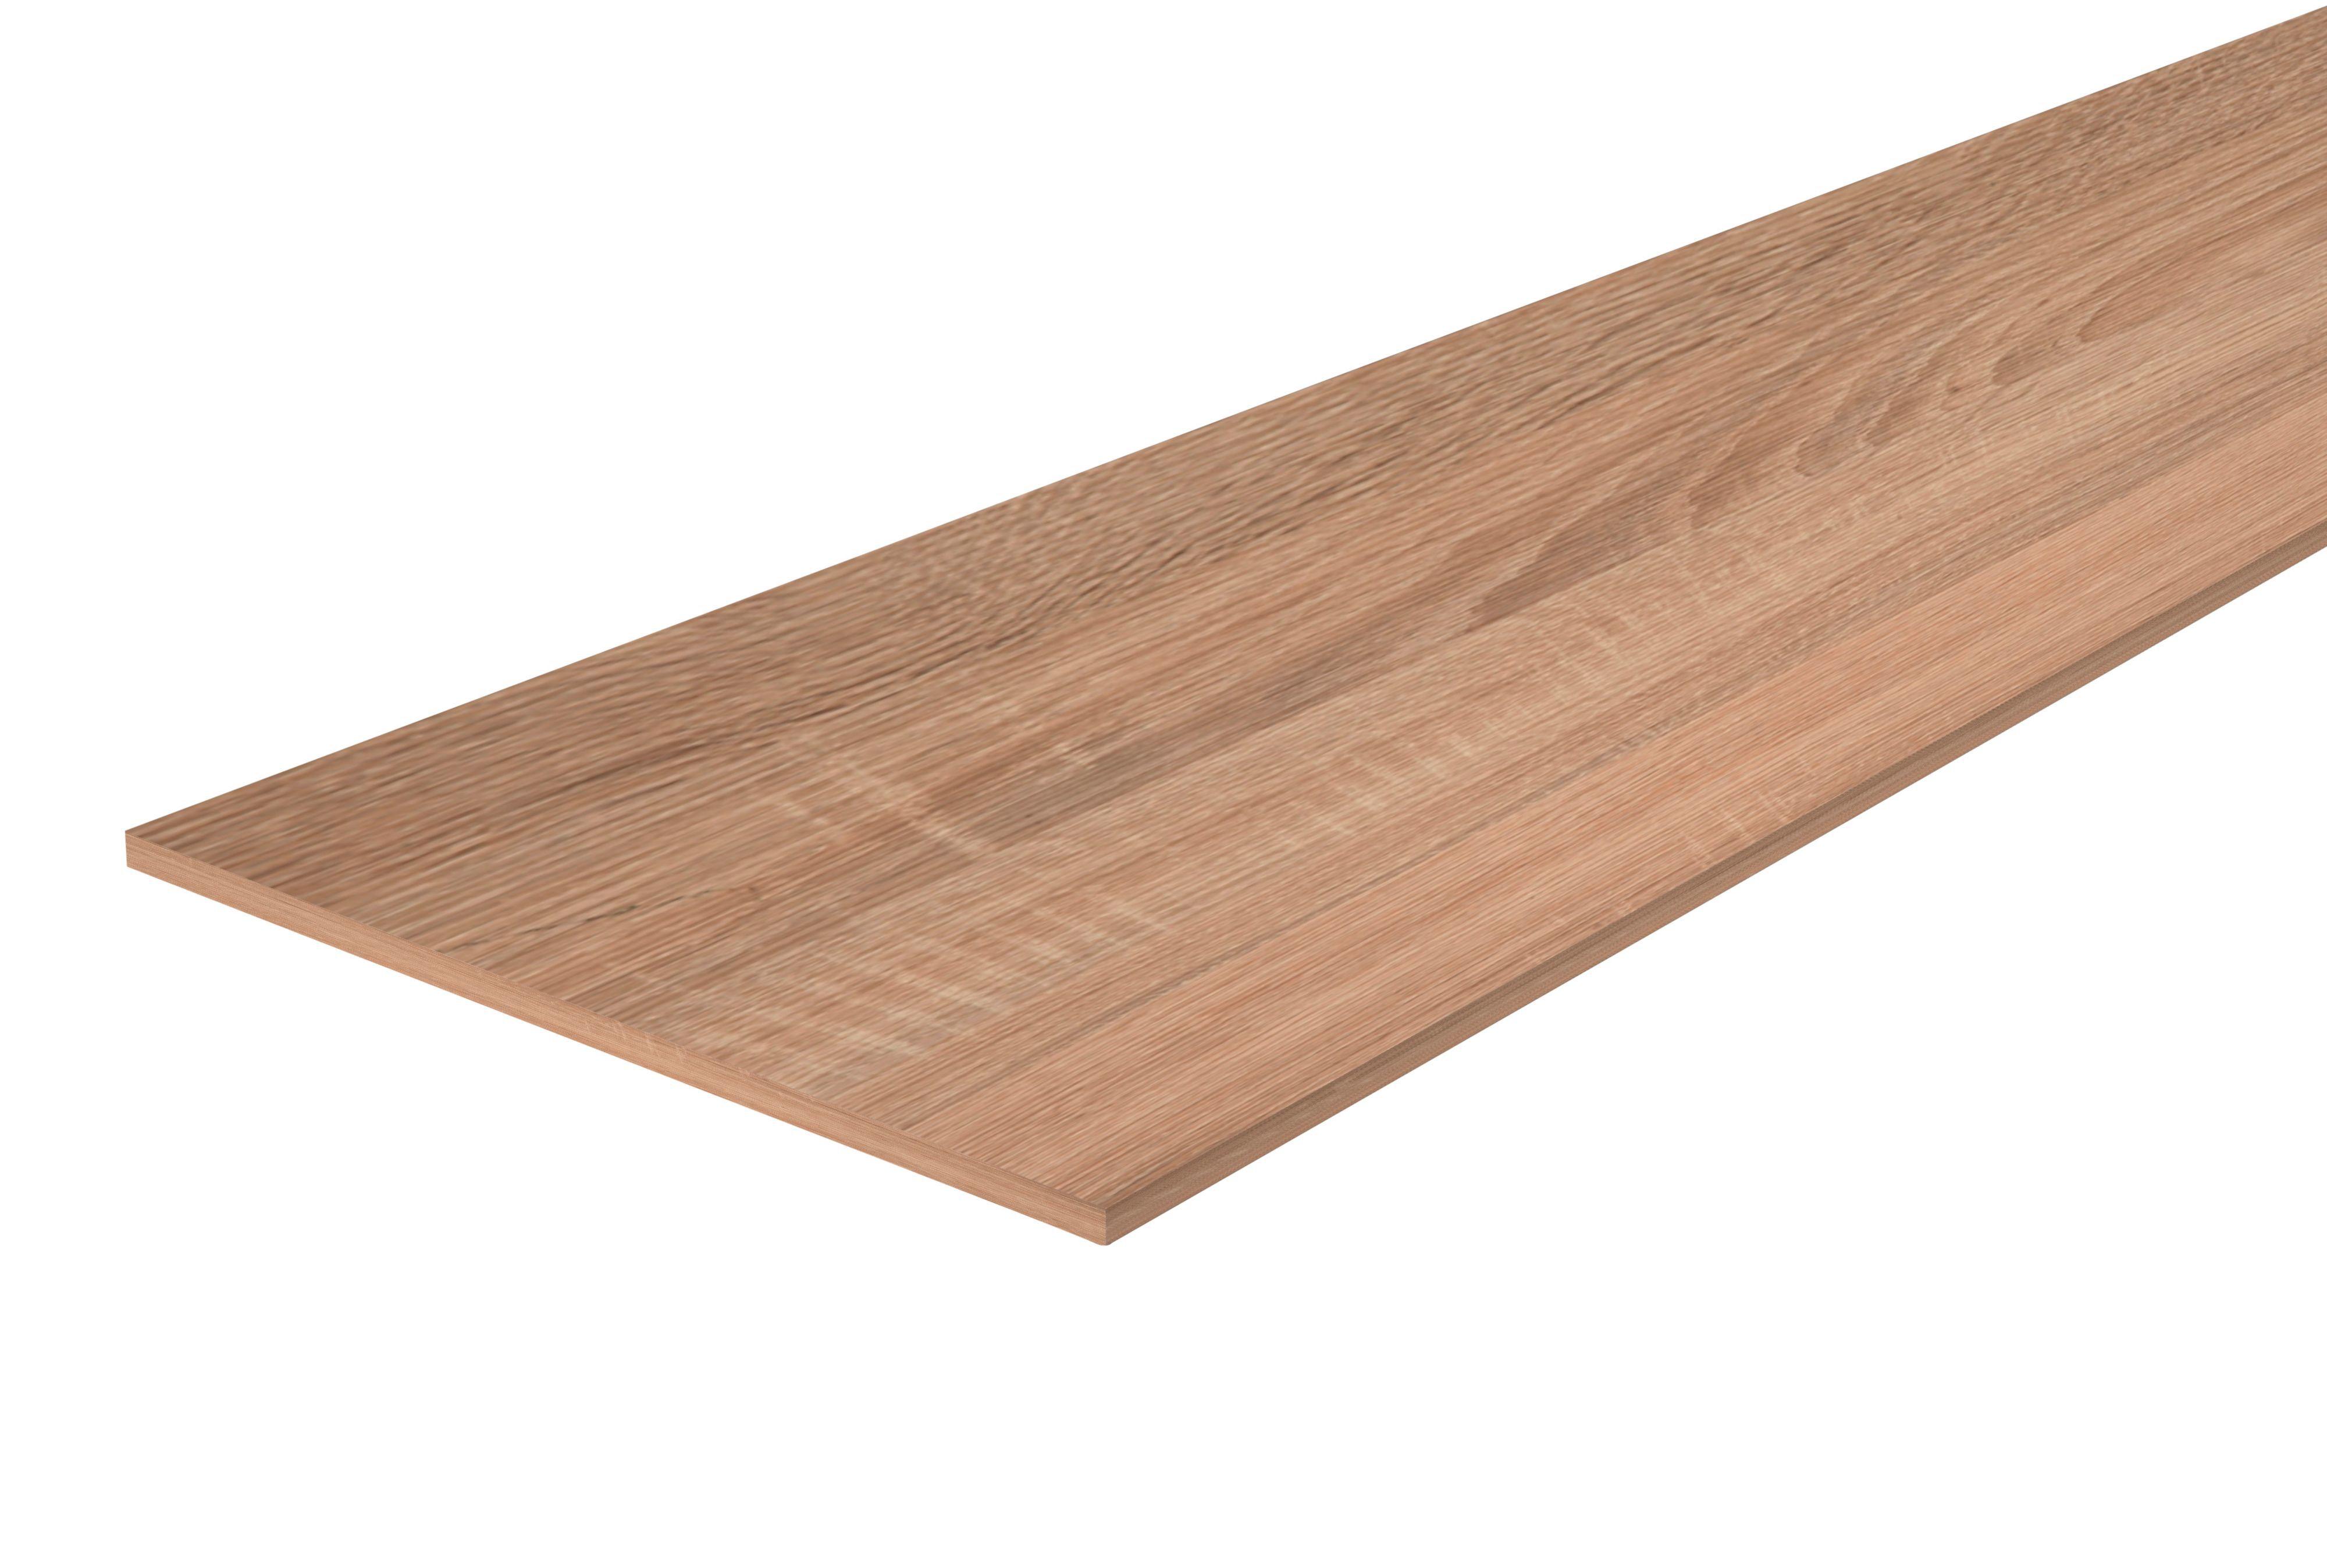 Furniture panel (L)800mm (W)300mm (T)18mm